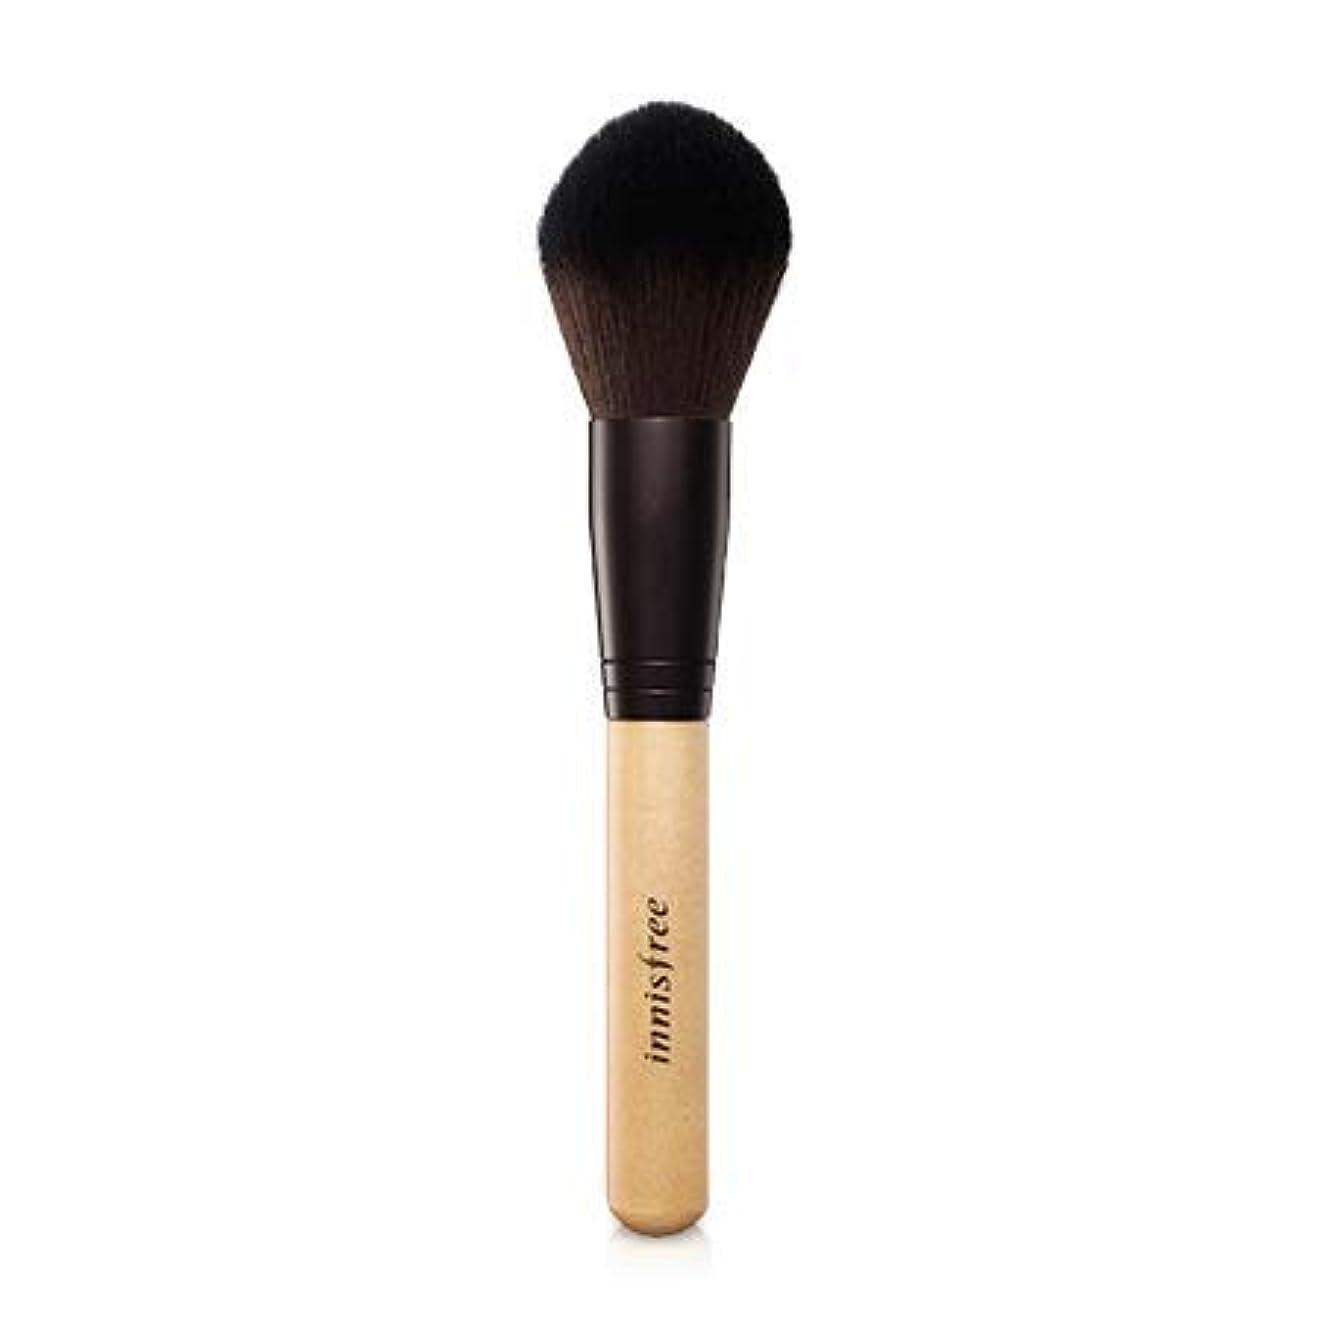 等しい顕著以来[イニスフリー.innisfree]ビューティーツールマスターパウダーブラシ/Beauty Tool Master Powder Brush